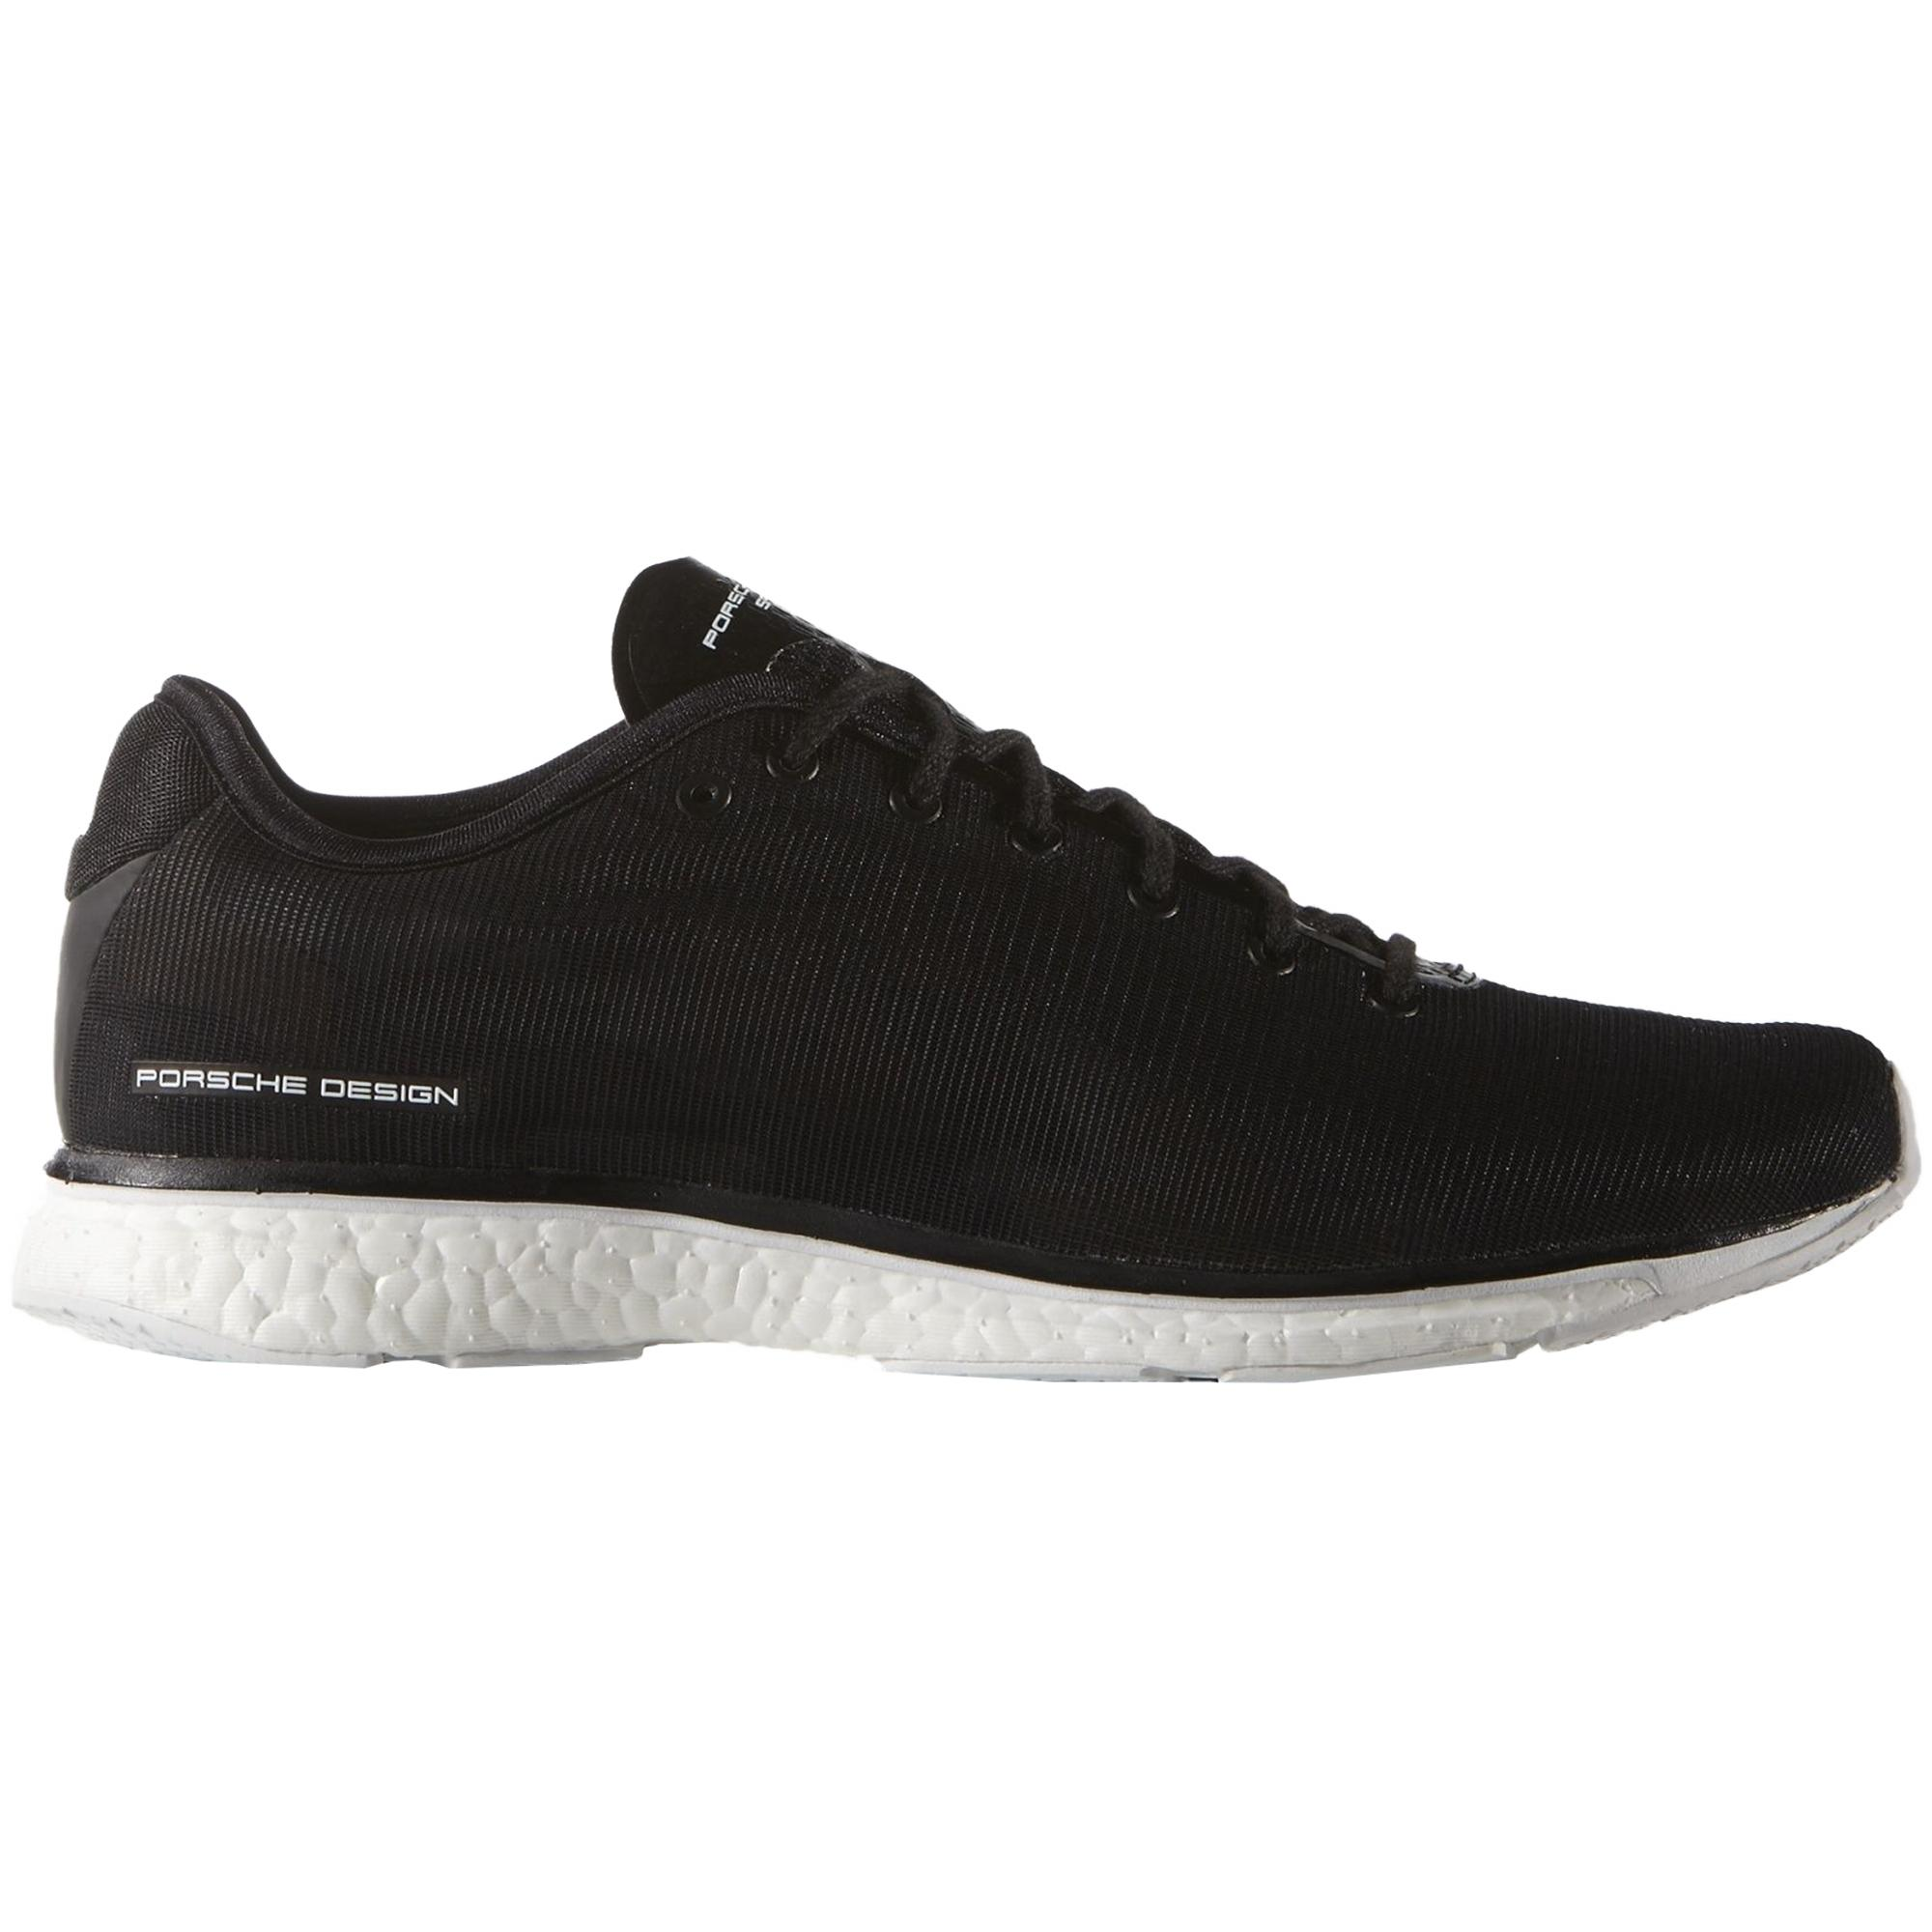 best website 8e9d9 7683c adidas Endurance Boost Erkek Sppor Ayakkabı